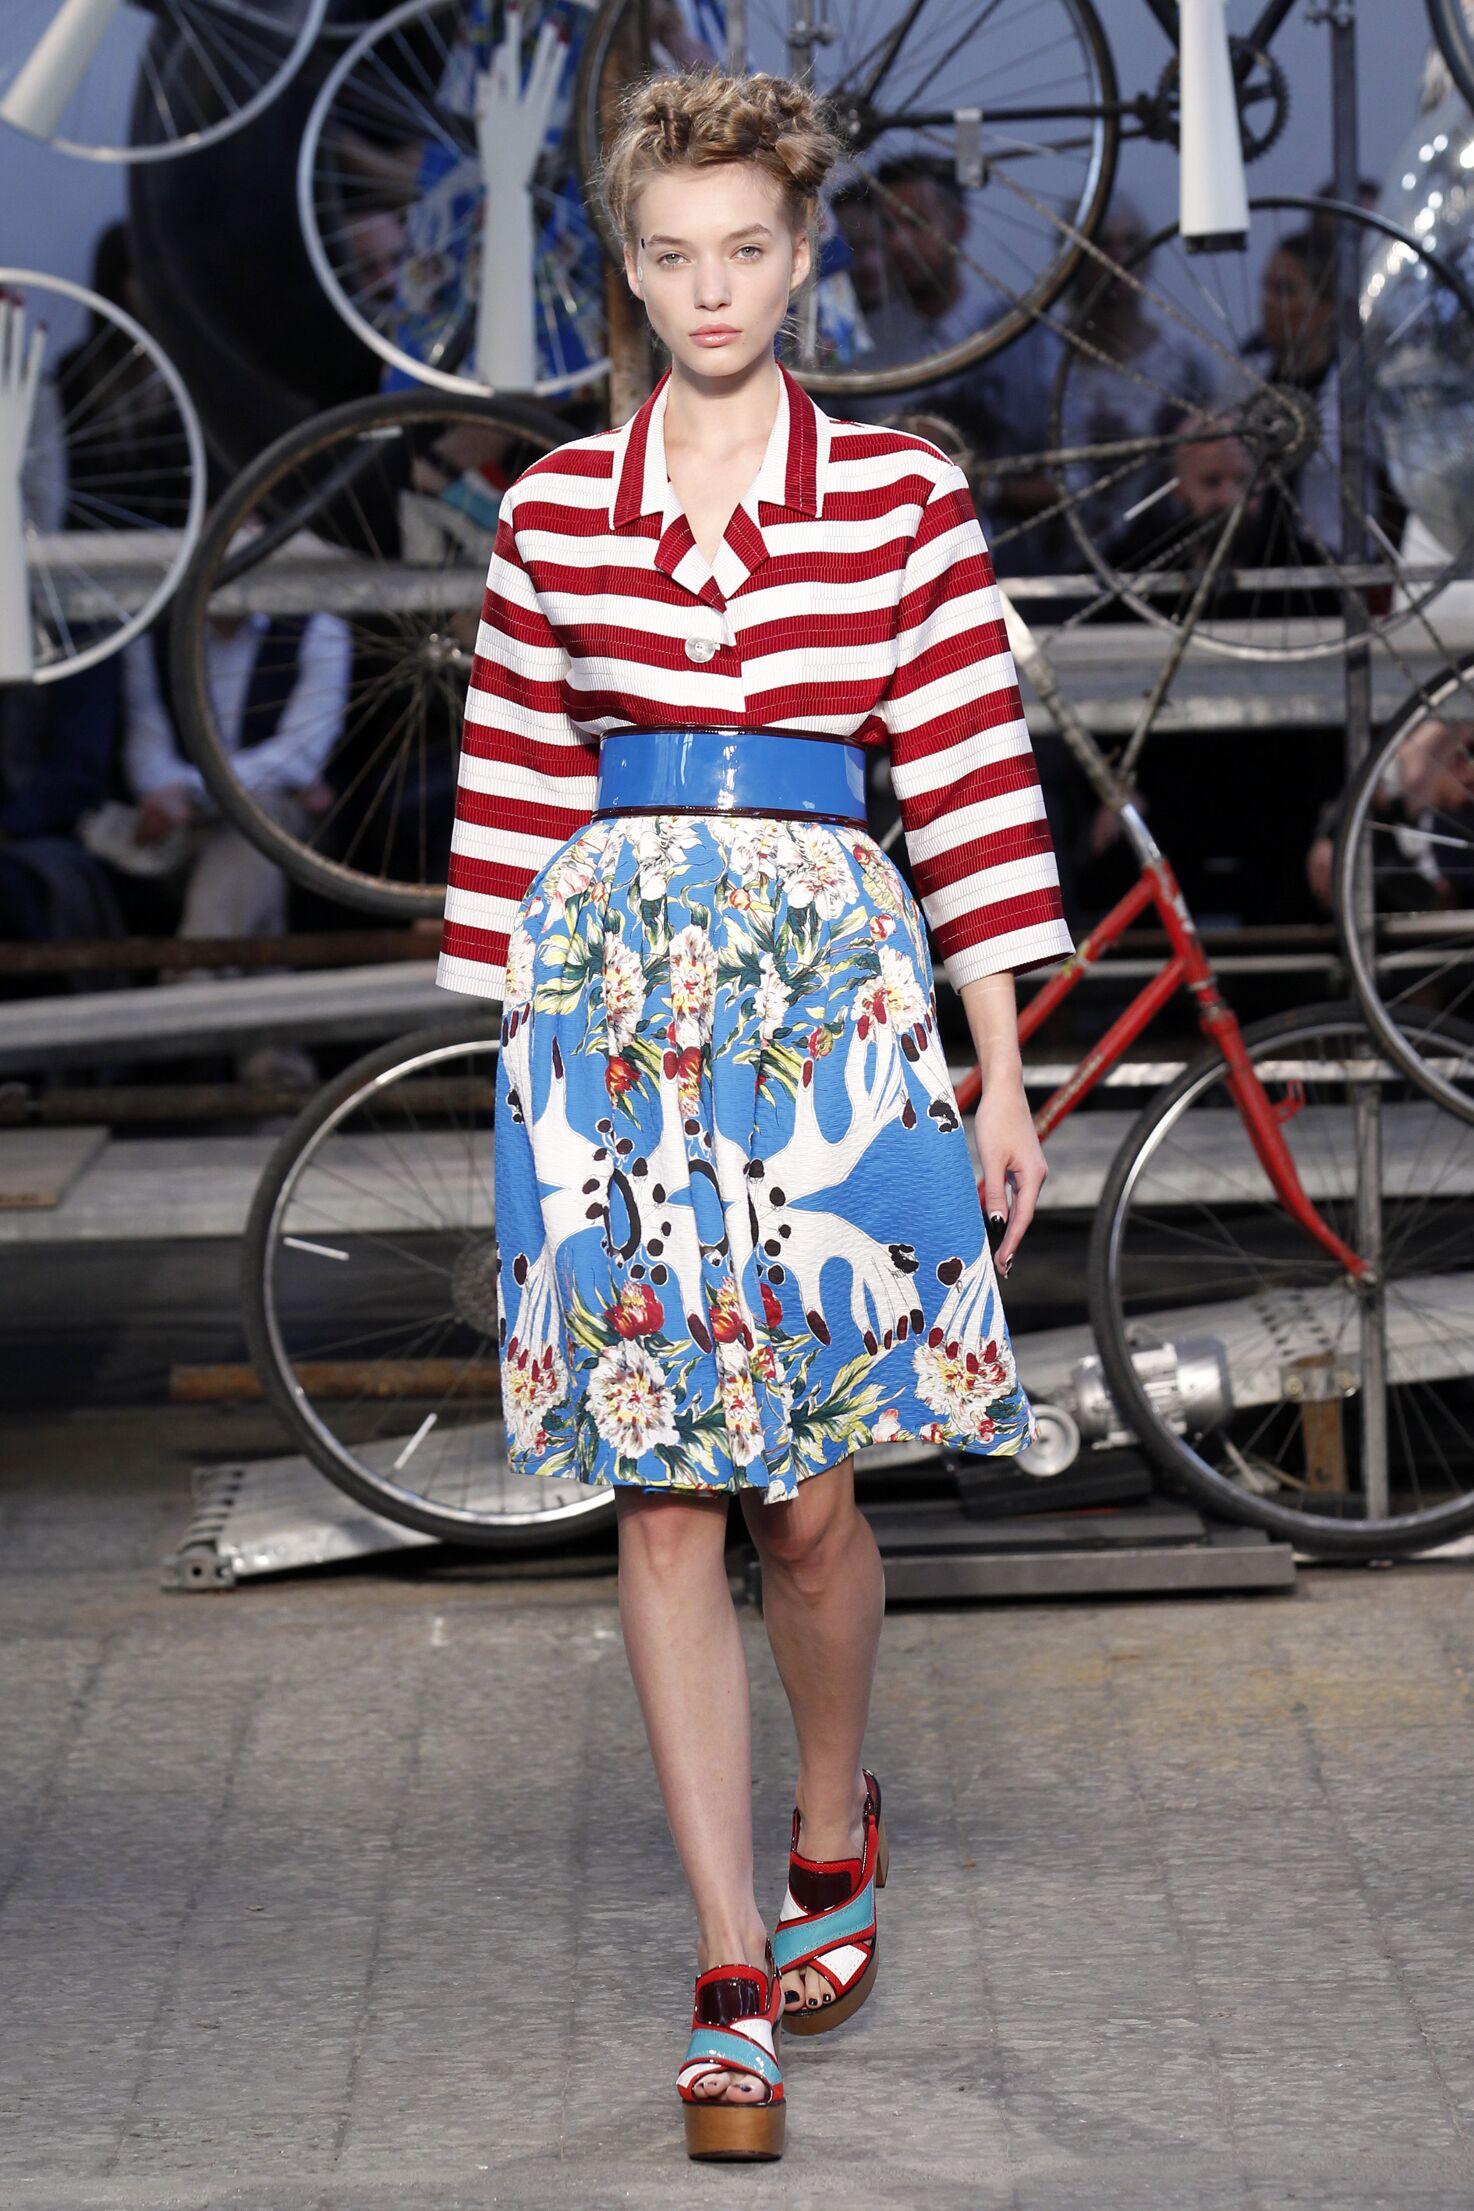 Antonio Marras Summer 2015 Catwalk Womanswear